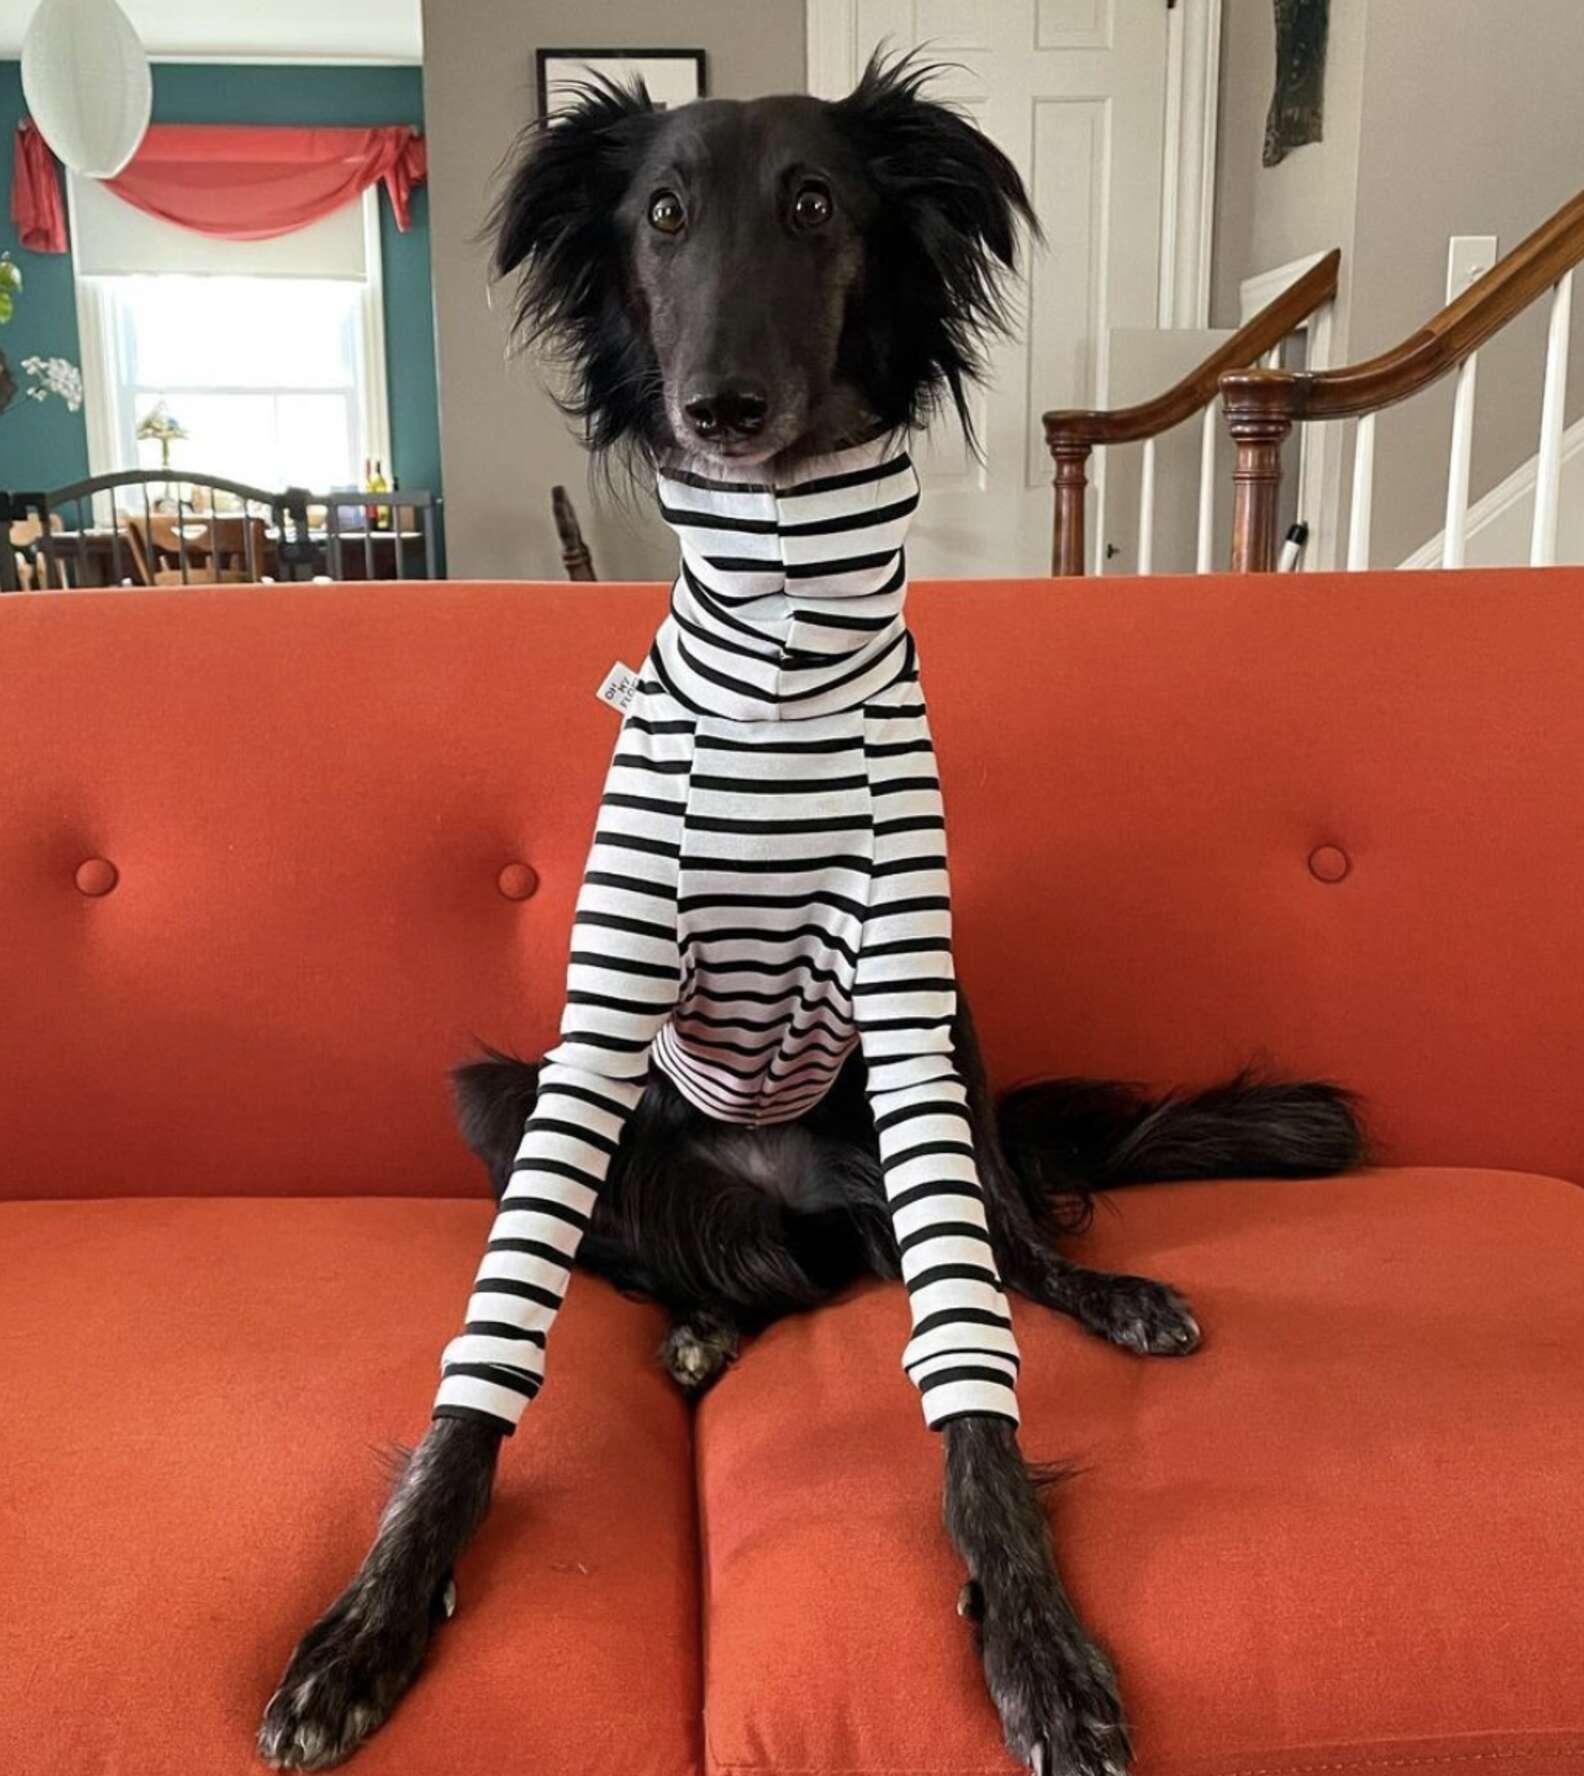 Long-Necked Dog Becomes Instagram Model for Turtlenecks